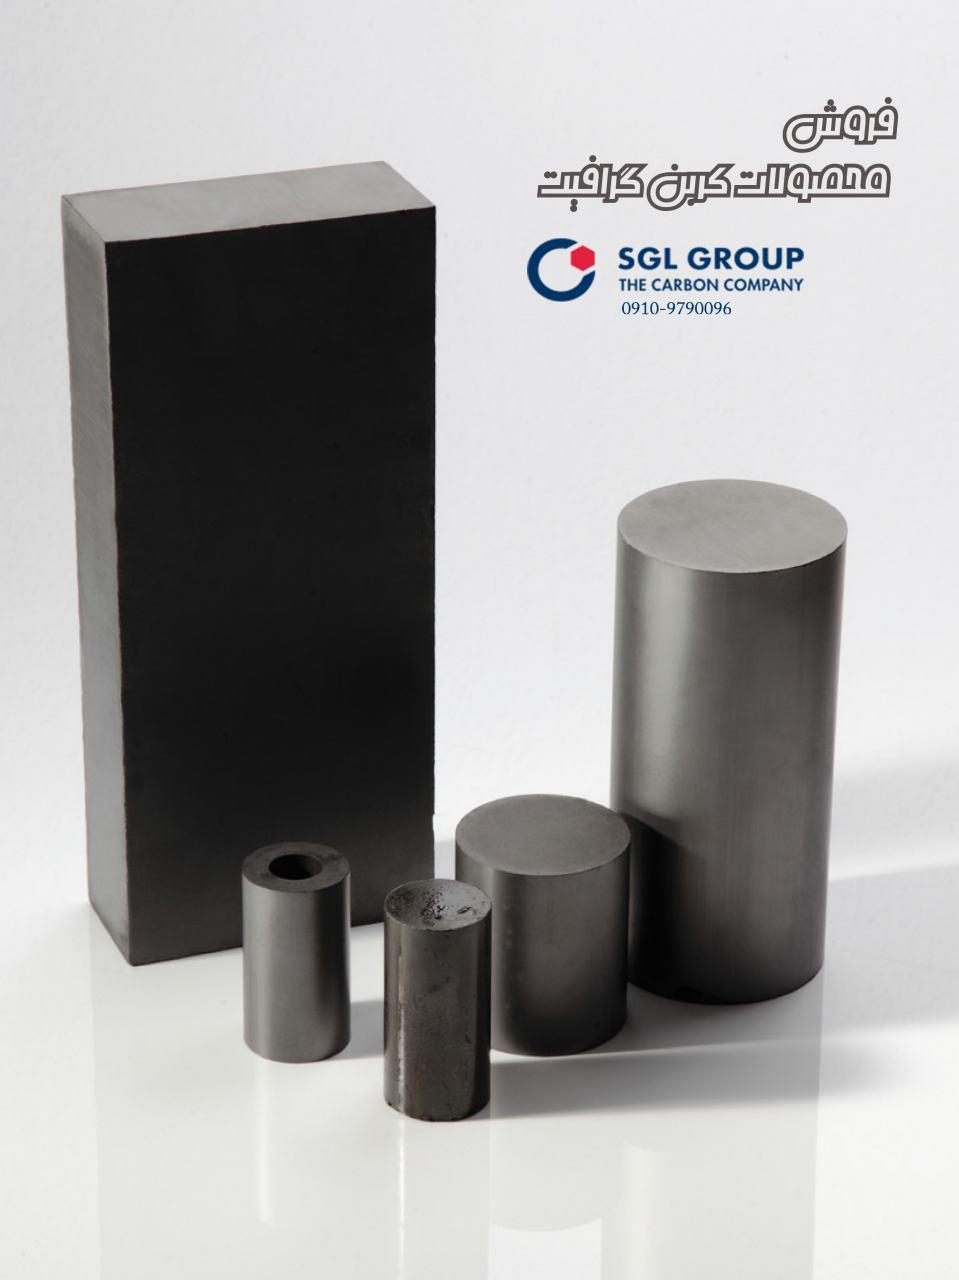 فروش انواع سایز بلوک های کربن گرافیتی SGL آلمان